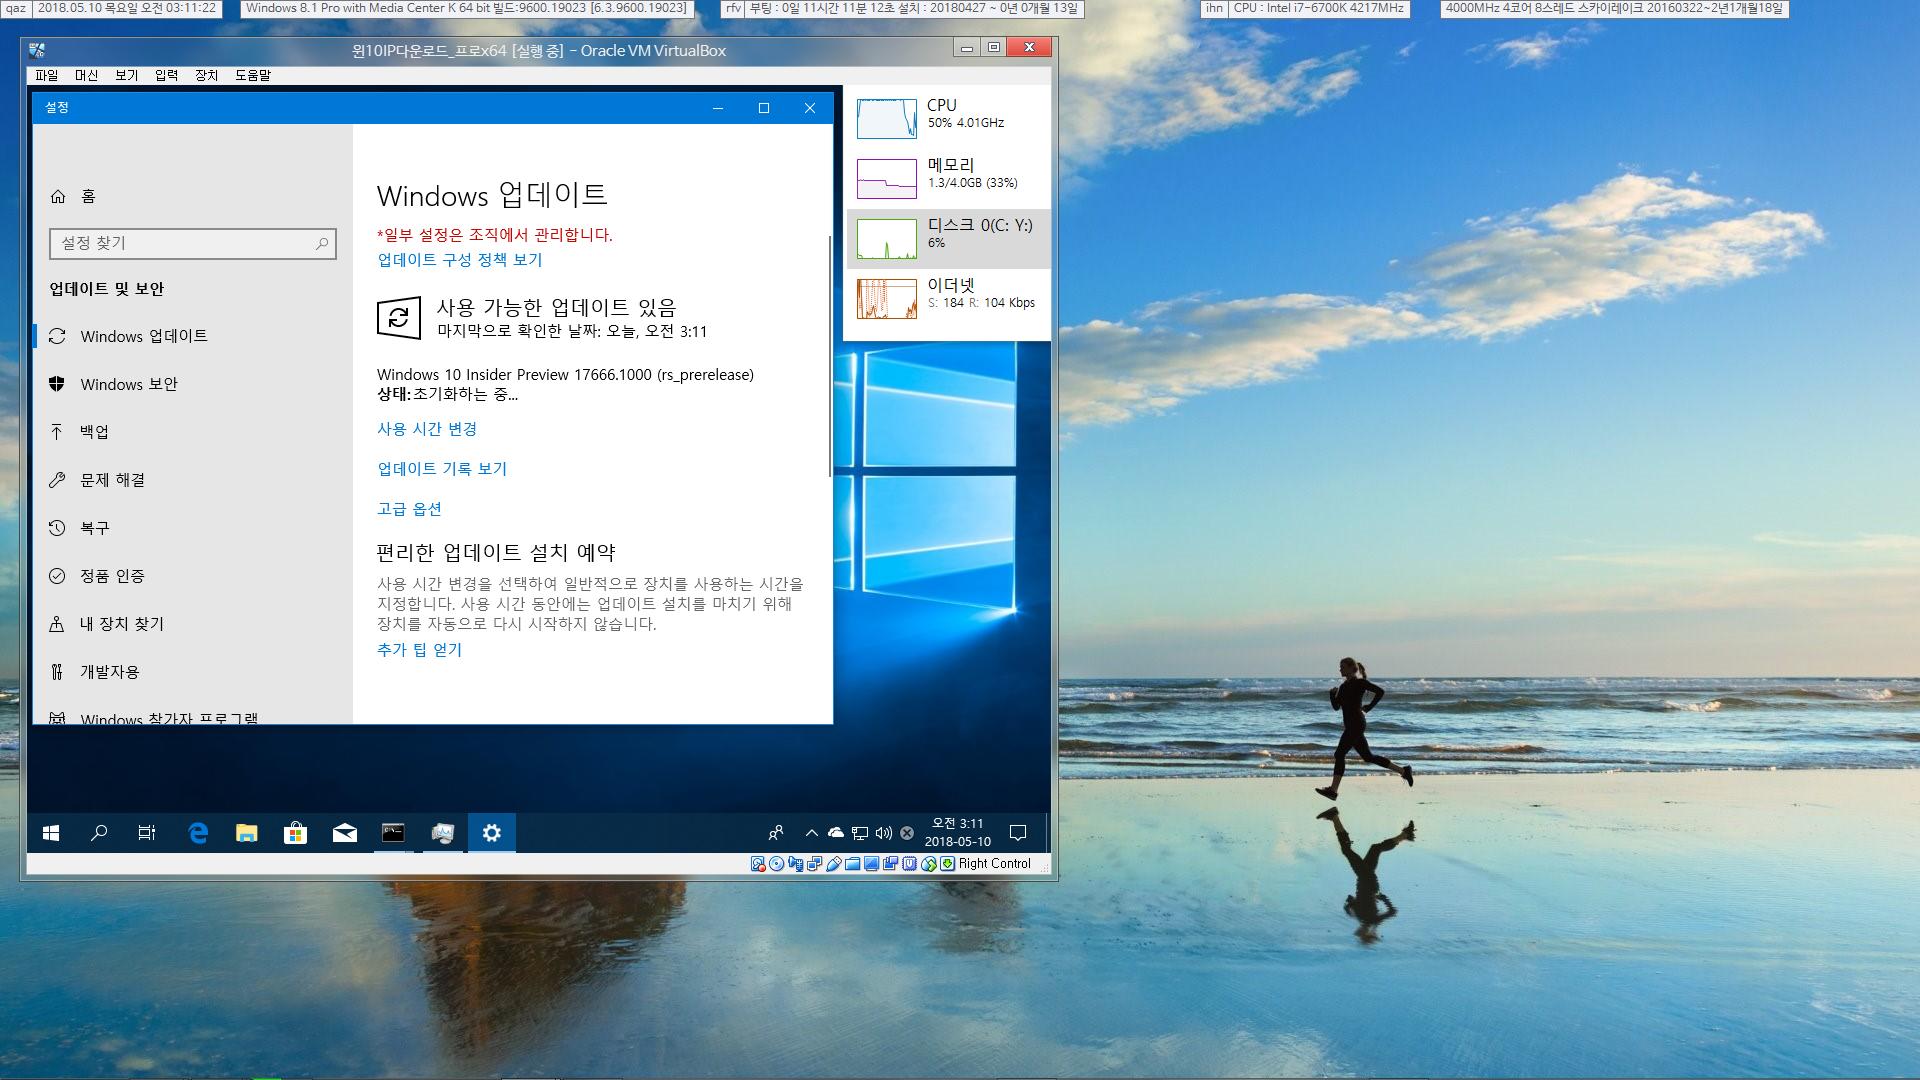 윈도10 레드스톤5 인사이더 프리뷰 17666 빌드 나왔네요 2018-05-10_031122.png